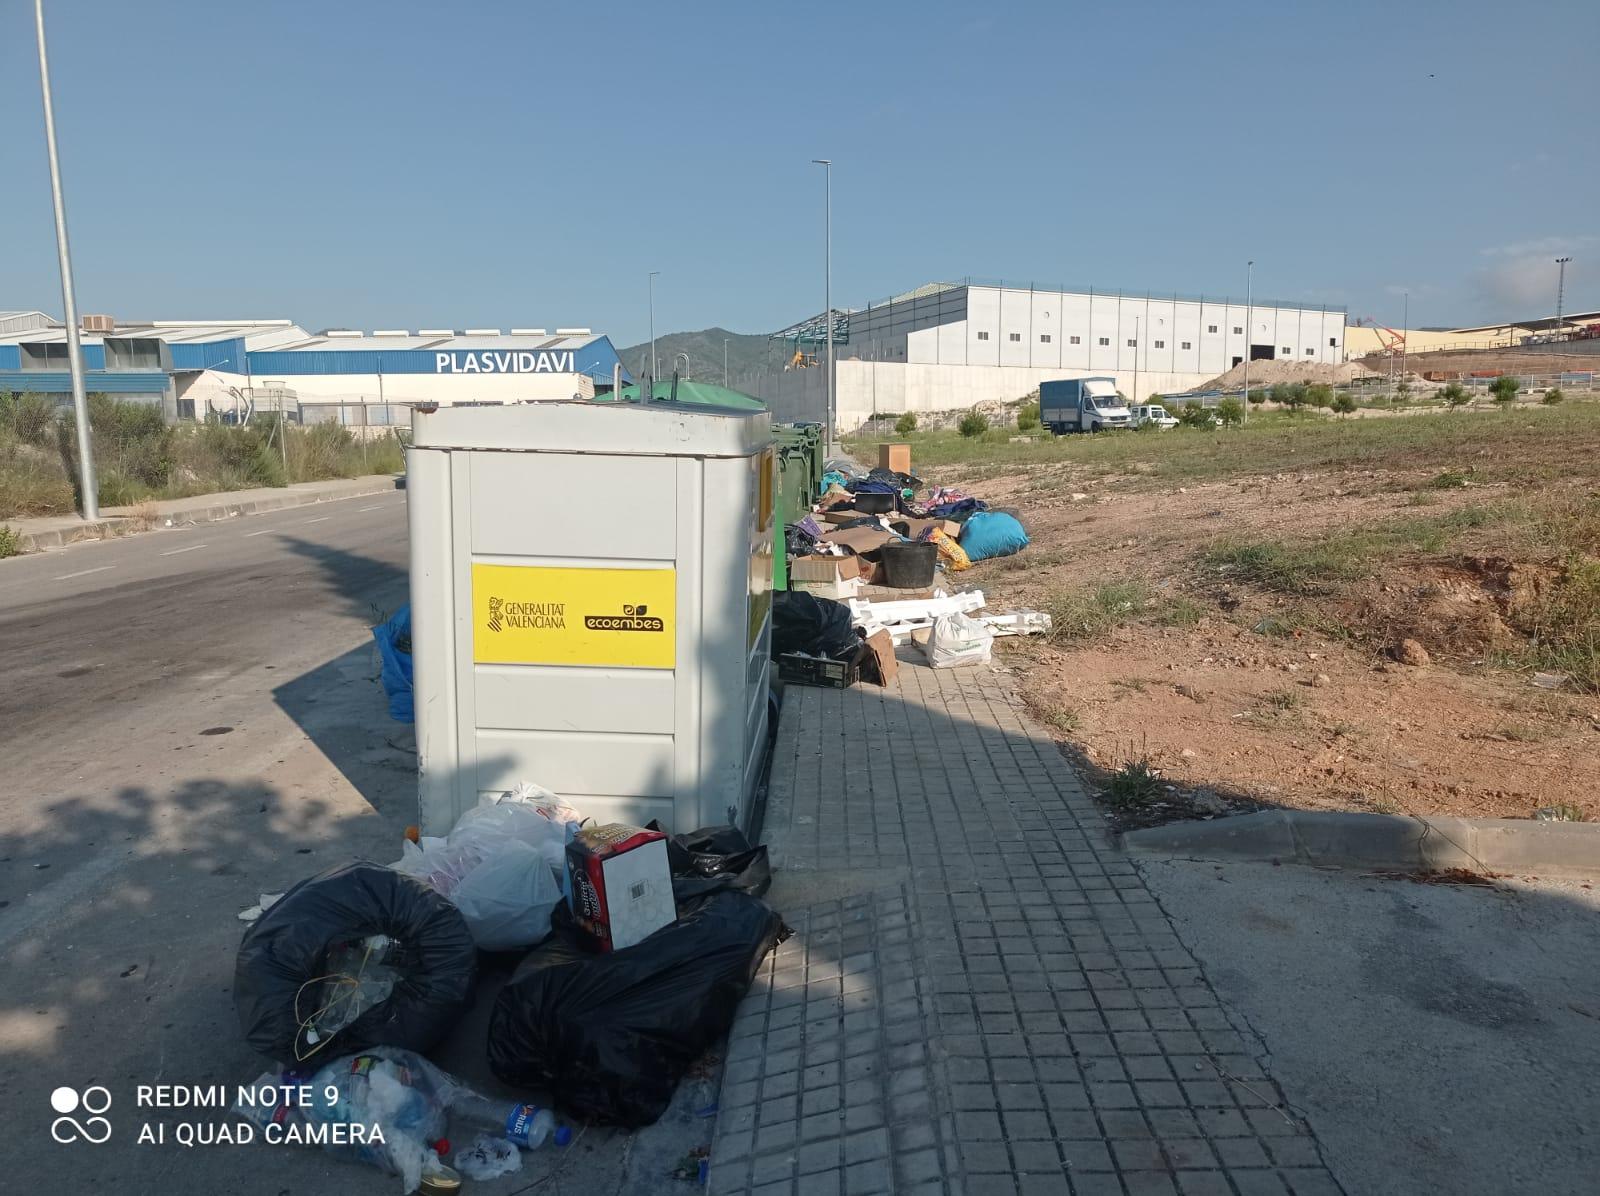 L'Ajuntament reitera el bon ús dels contenidors del punt 24 hores